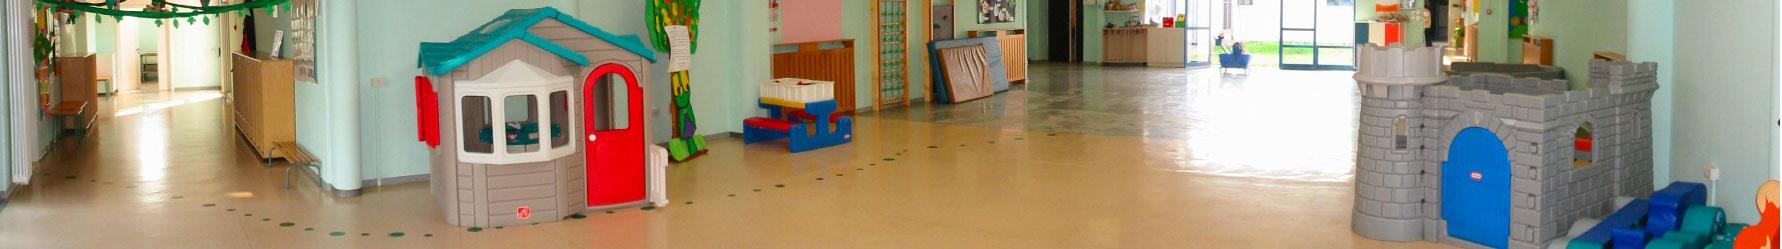 Personale dei servizi educativi e scolastici: assegnazioni sedi di lavoro